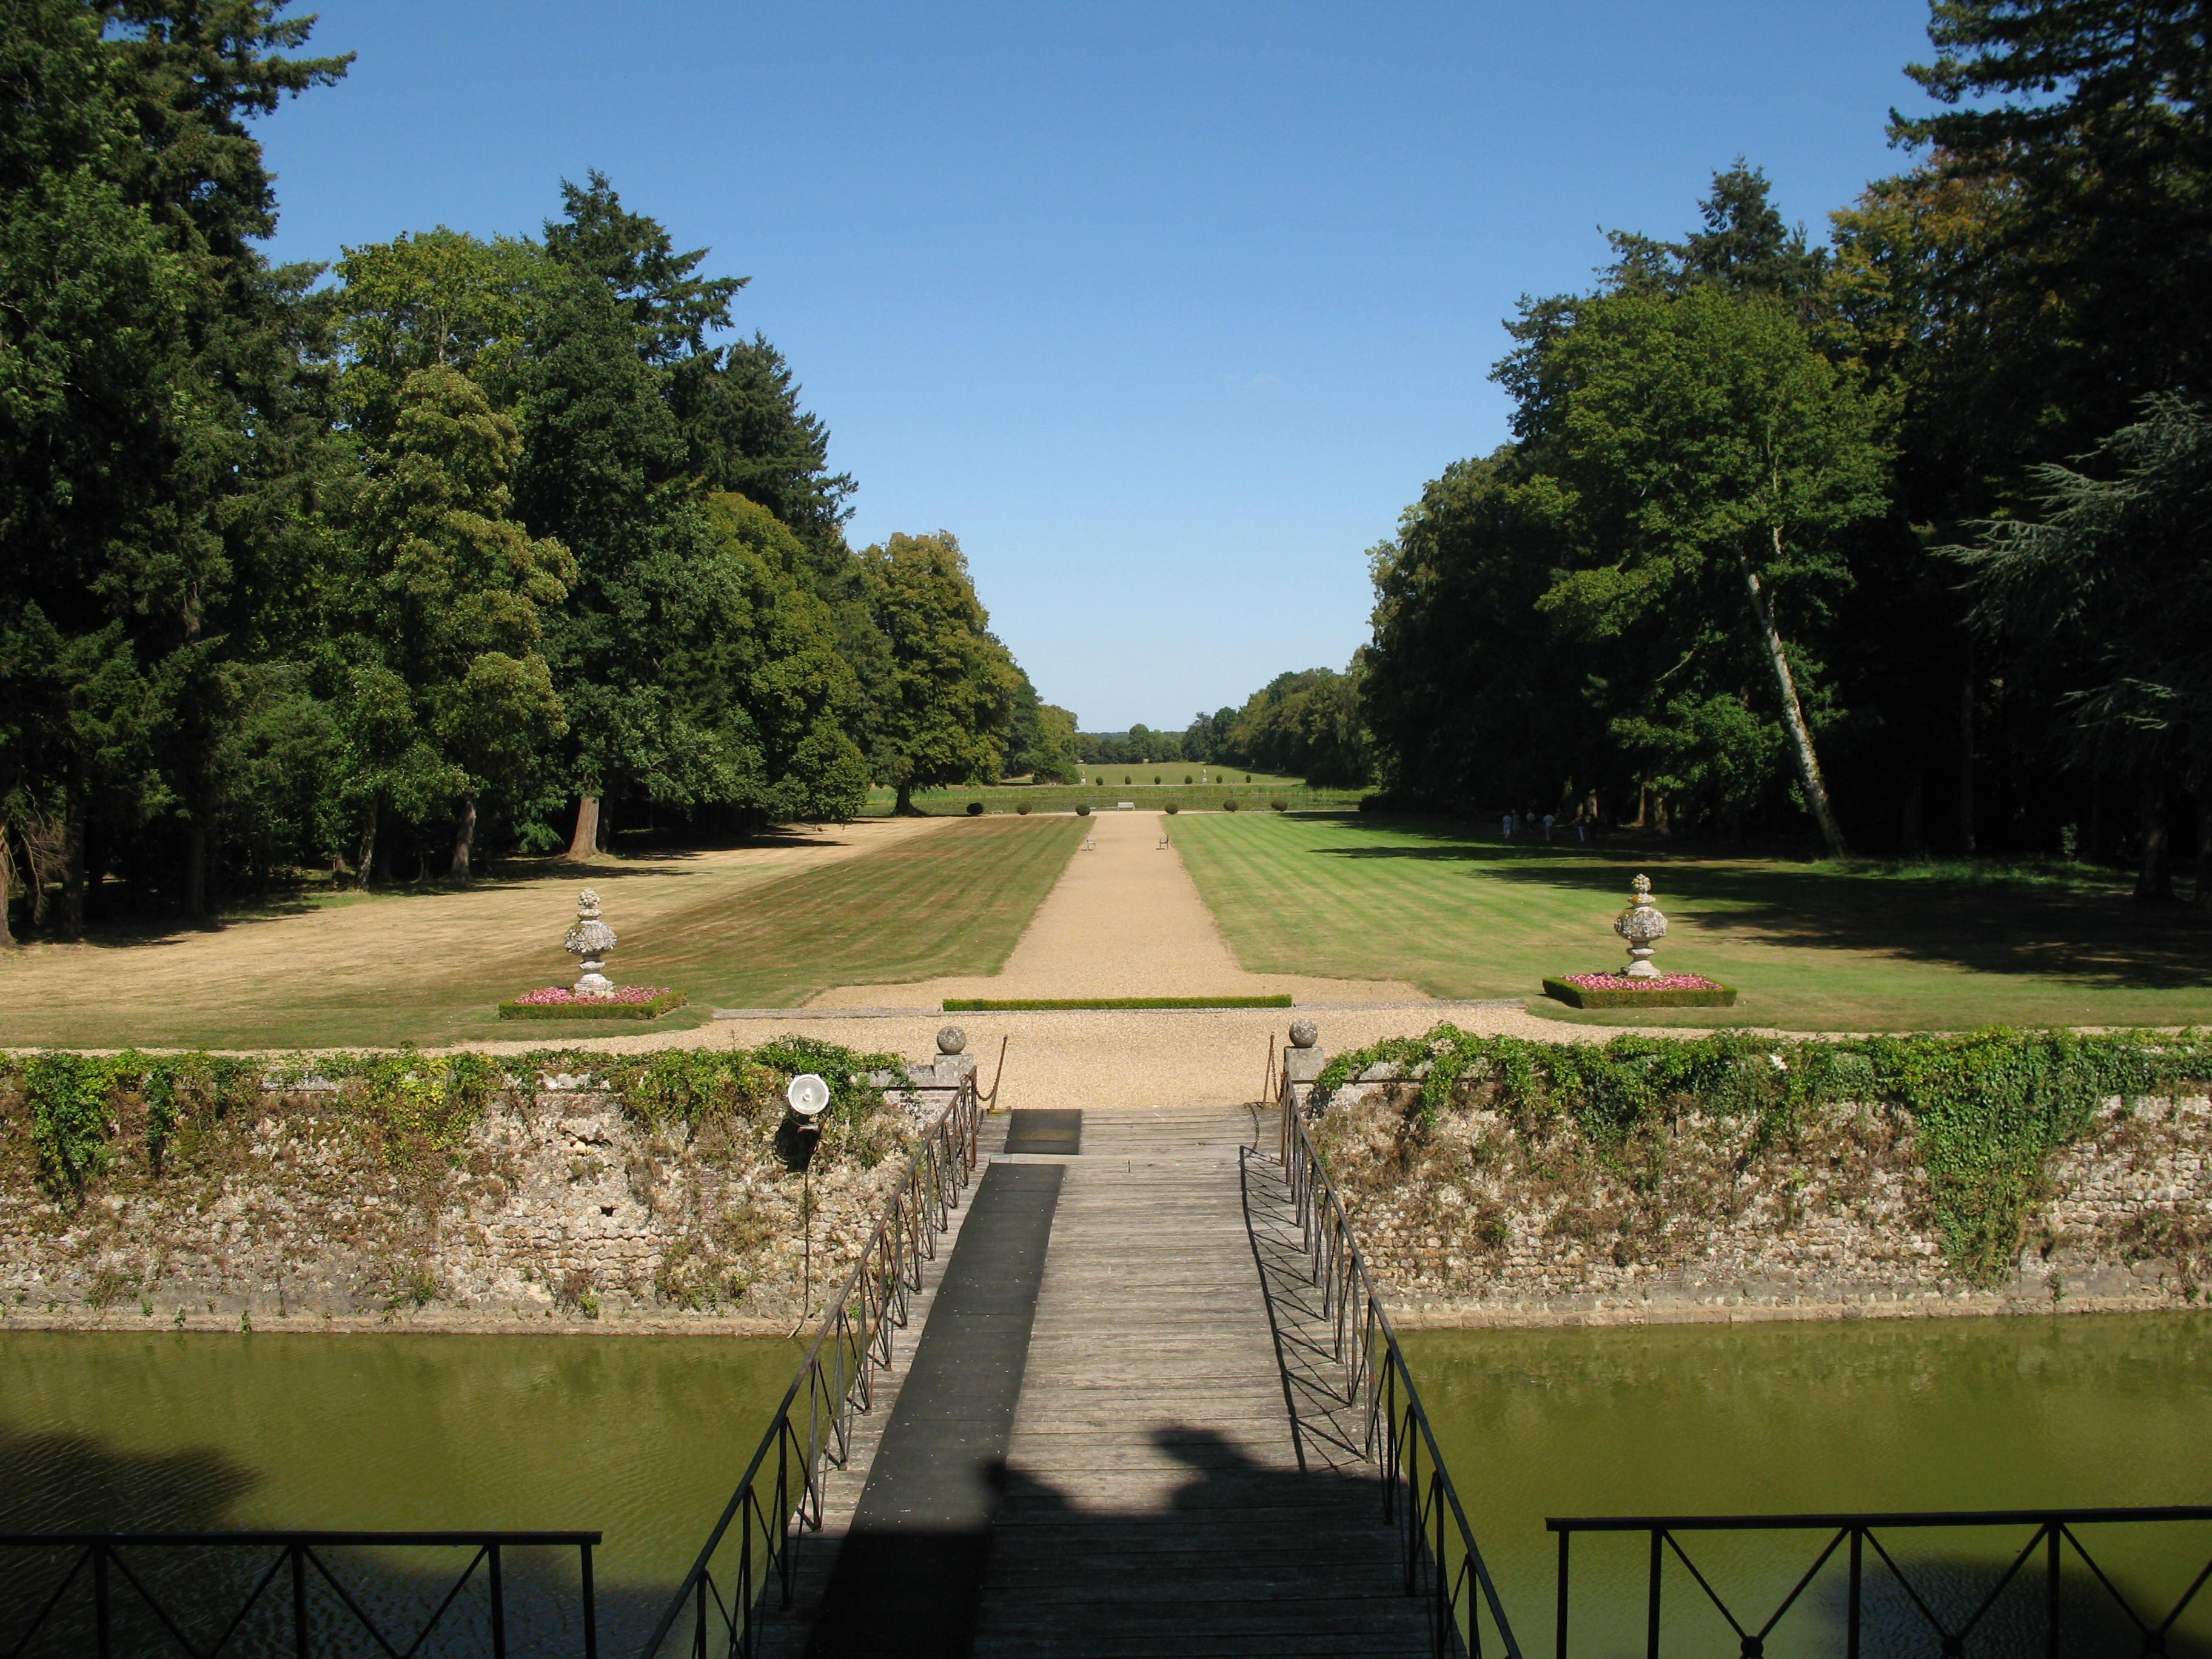 Blick vom Schloss auf den Park, Foto von PHILDIC, Lizenz:public domain/gemeinfrei